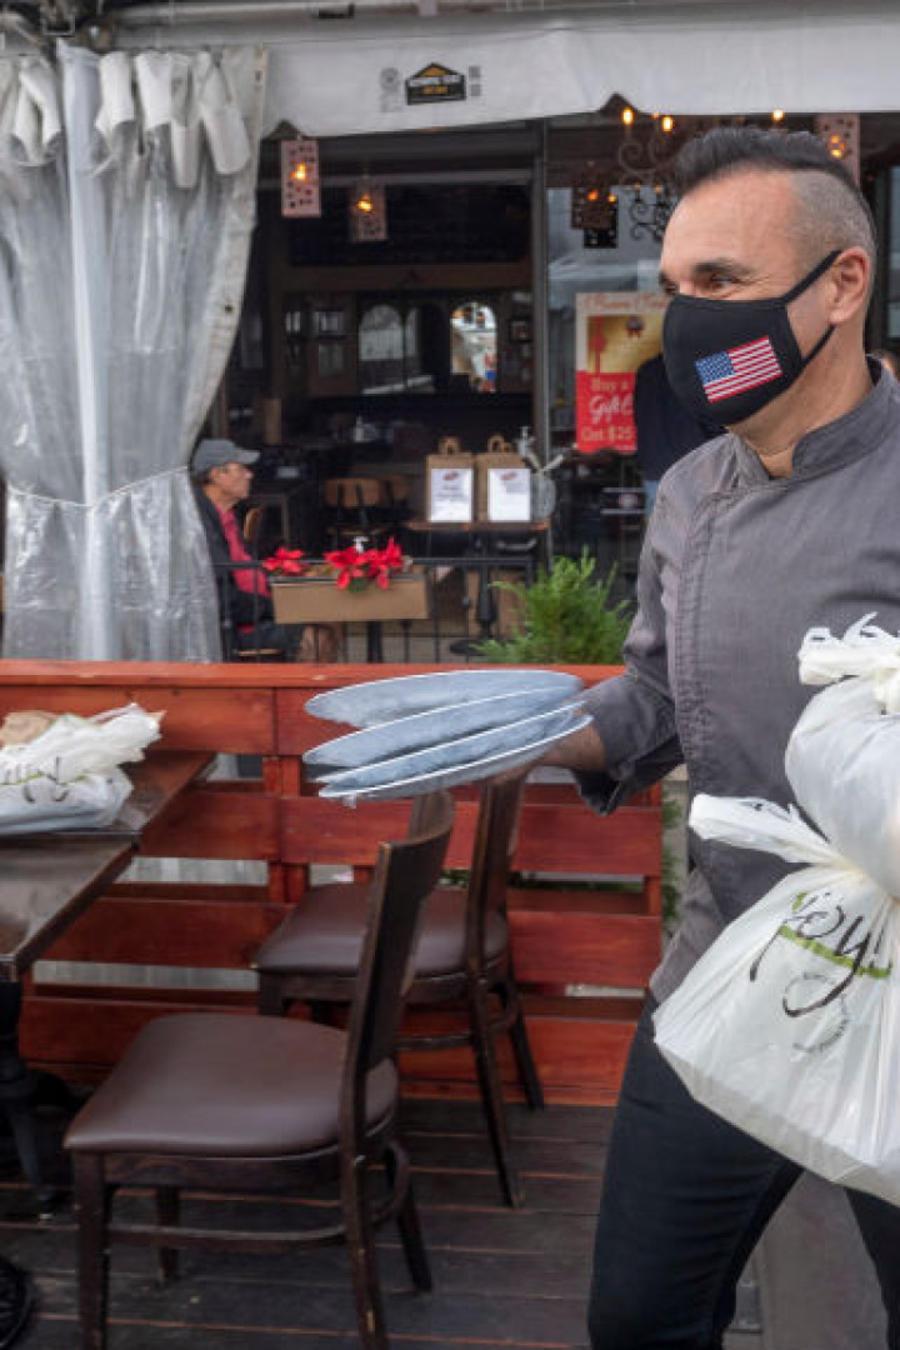 Restaurante en California durante pandemia